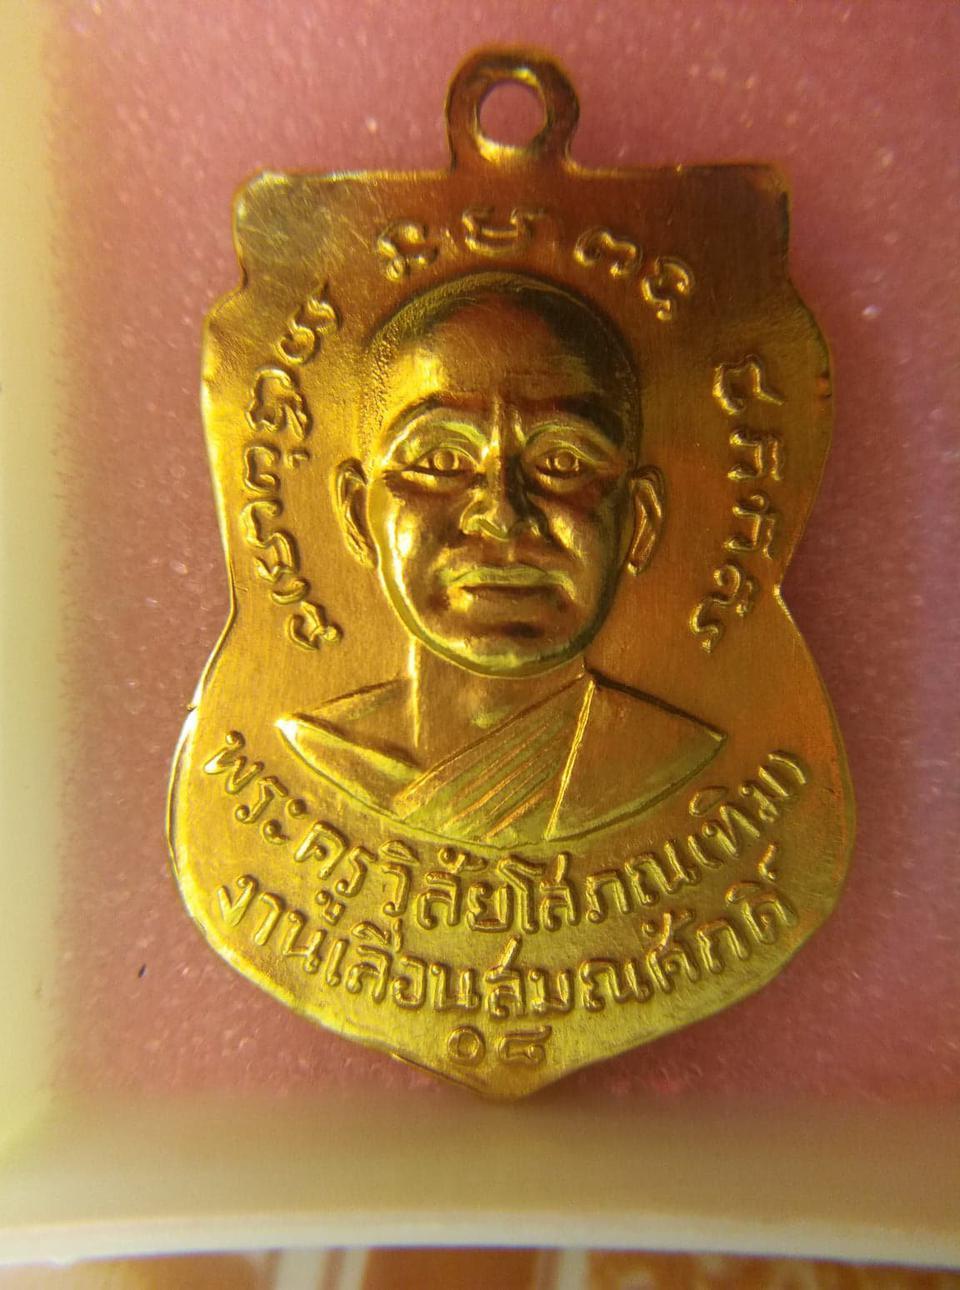 เหรียญเลื่อนสมณศักดิ์วัดช้างให้ปี 08 เนื้อทองคำแท้ สนใจทักมา รูปที่ 4